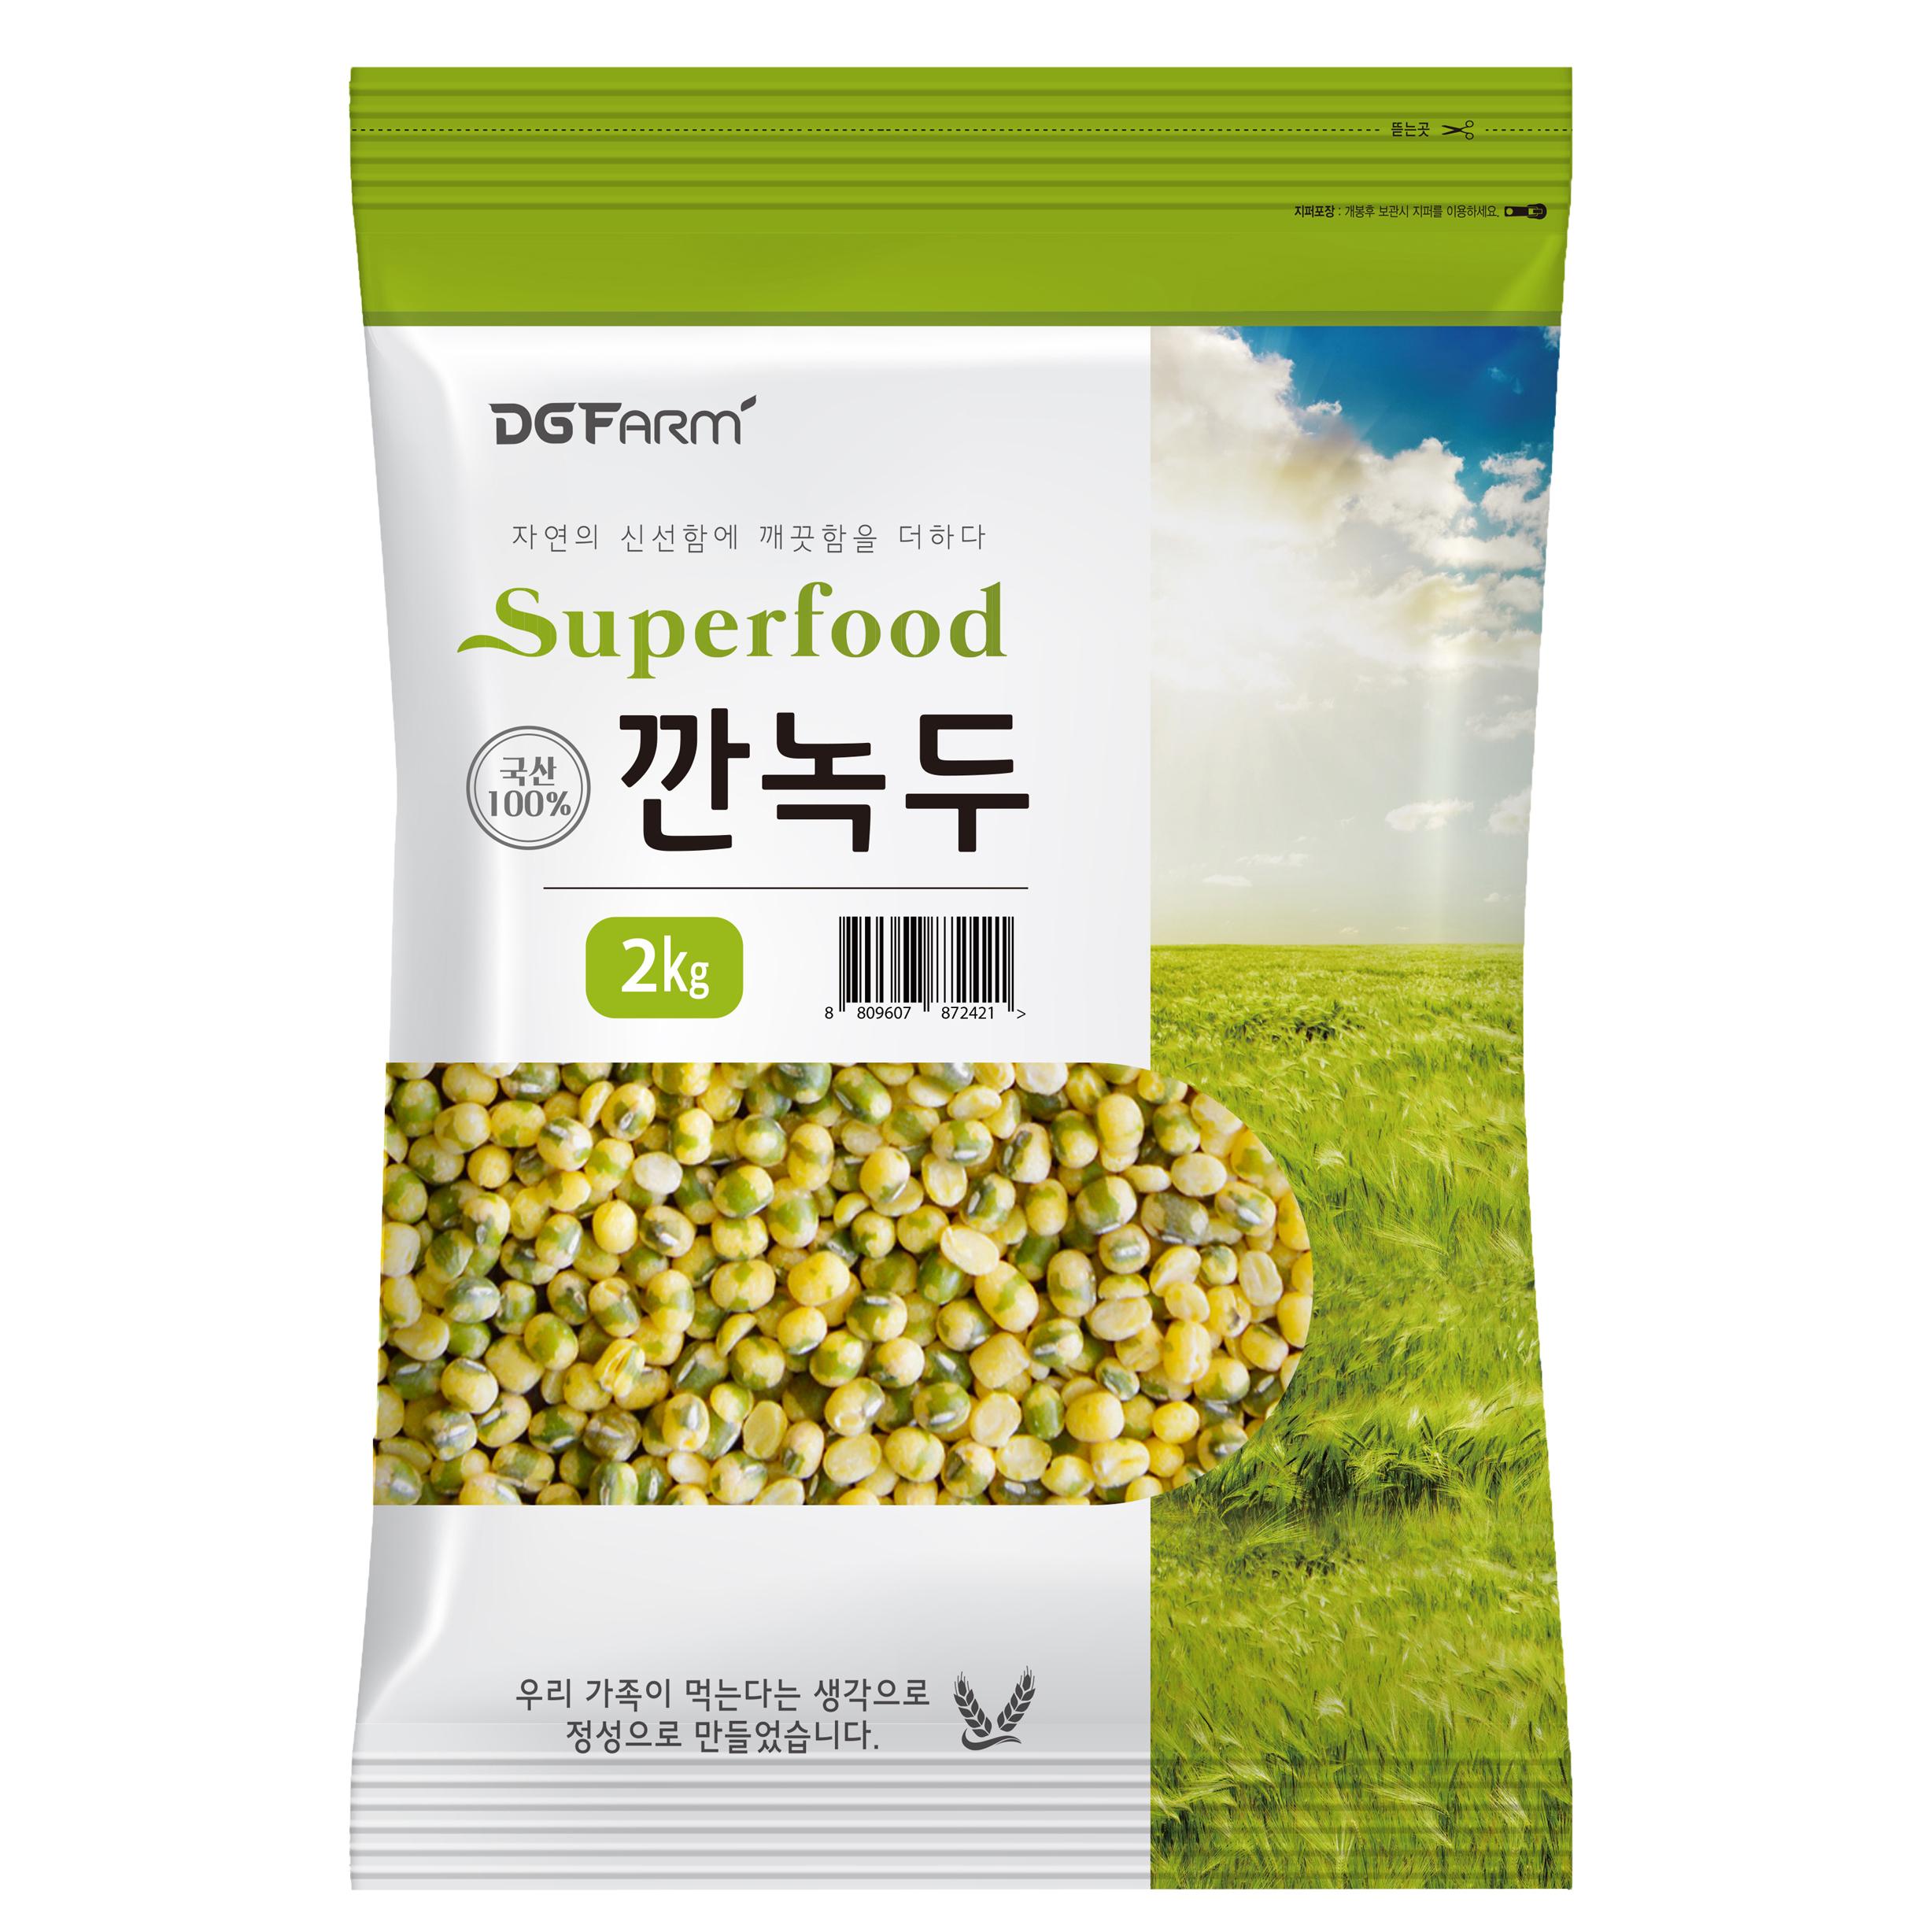 [국산 녹두] 건강한밥상 국산 깐녹두, 2kg, 1개 - 랭킹3위 (59900원)